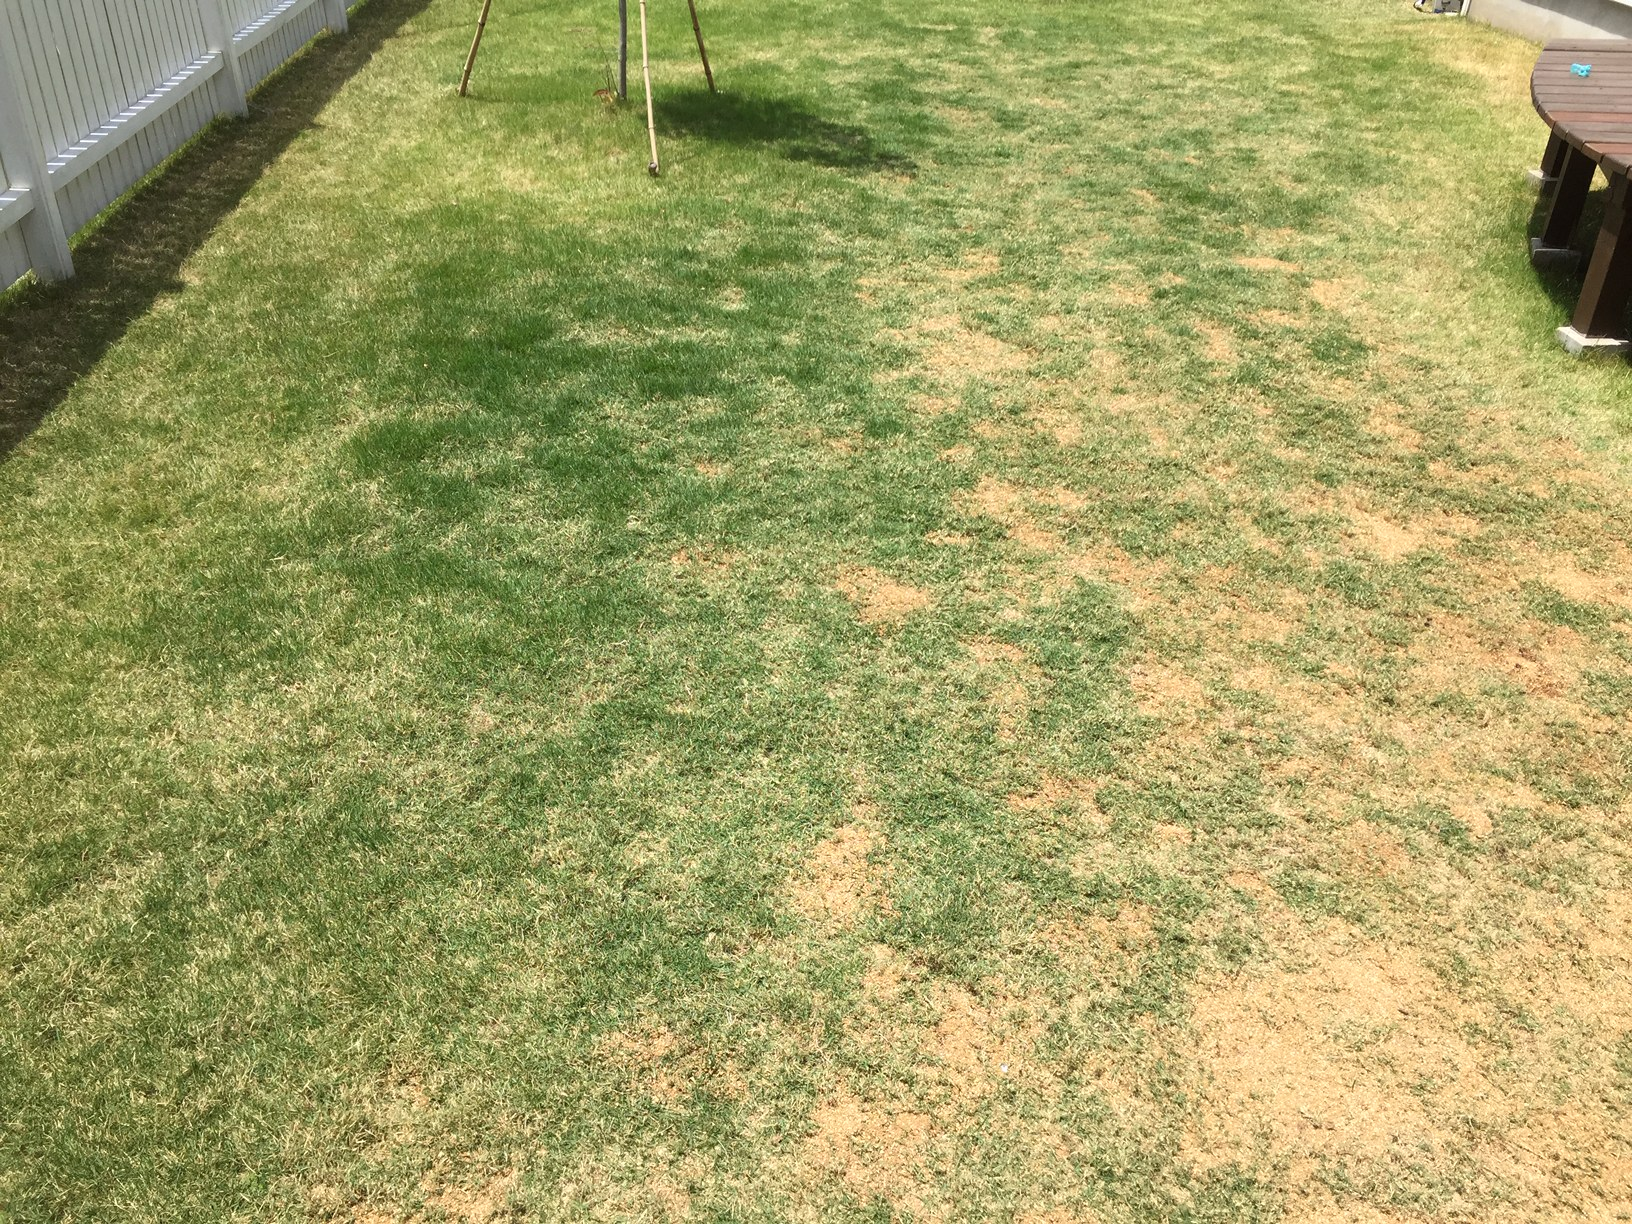 2020.05.23 芝生の状況(雑草除去・エアレーション・目土)